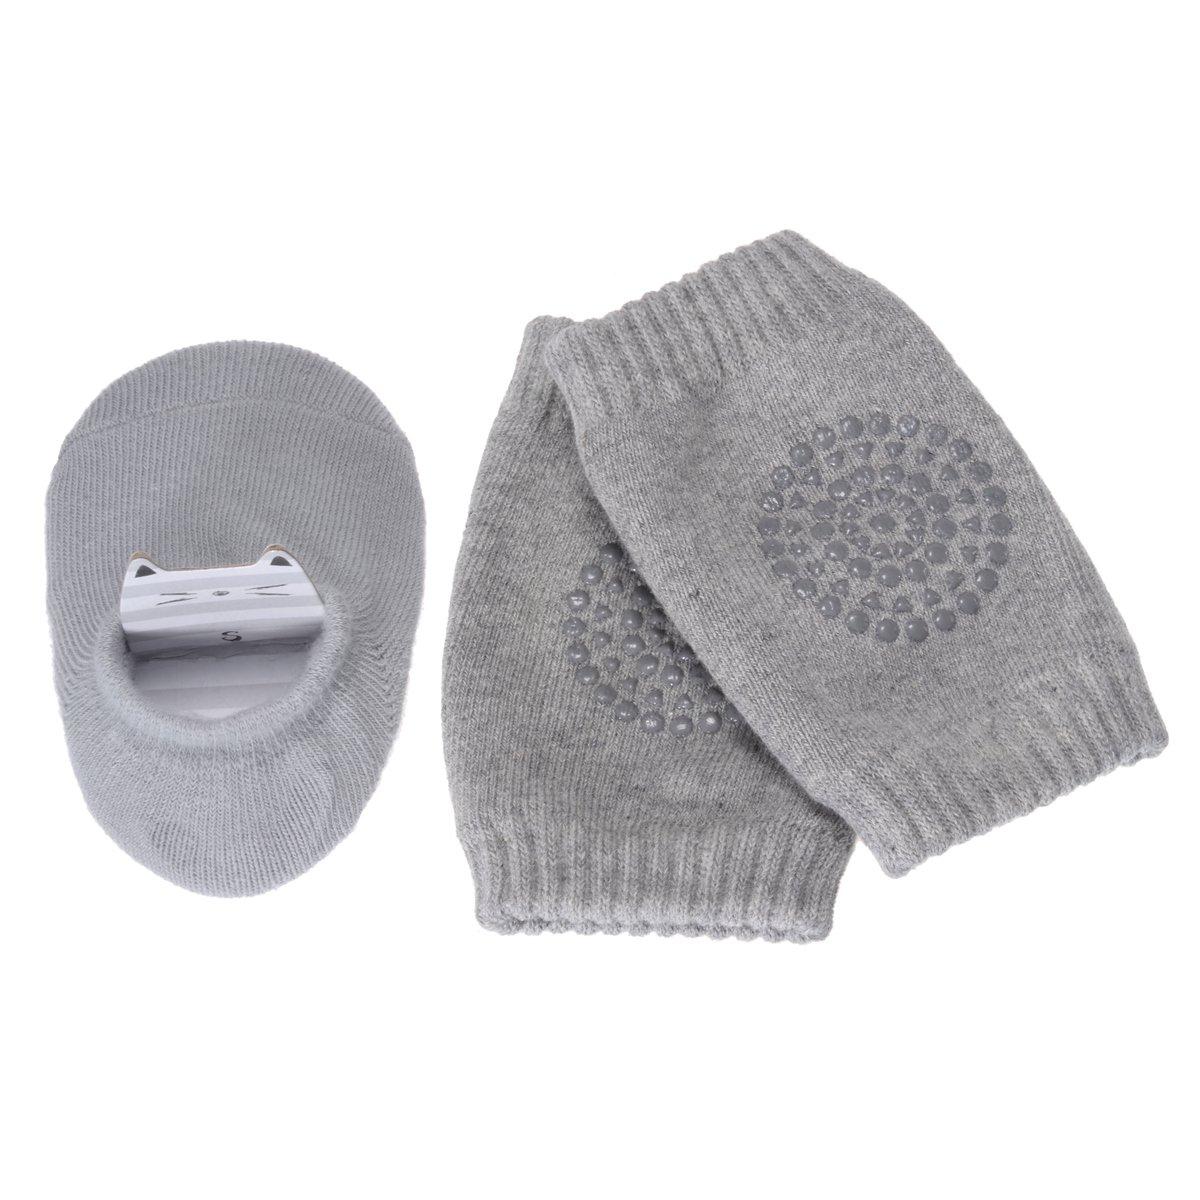 Pchero Unisexe bébé nouveau-né Infant mince antidérapant mignon Chaussettes + tout-petit bébé Genouillères rampants de sécurité Protector–0à 24mois BB011